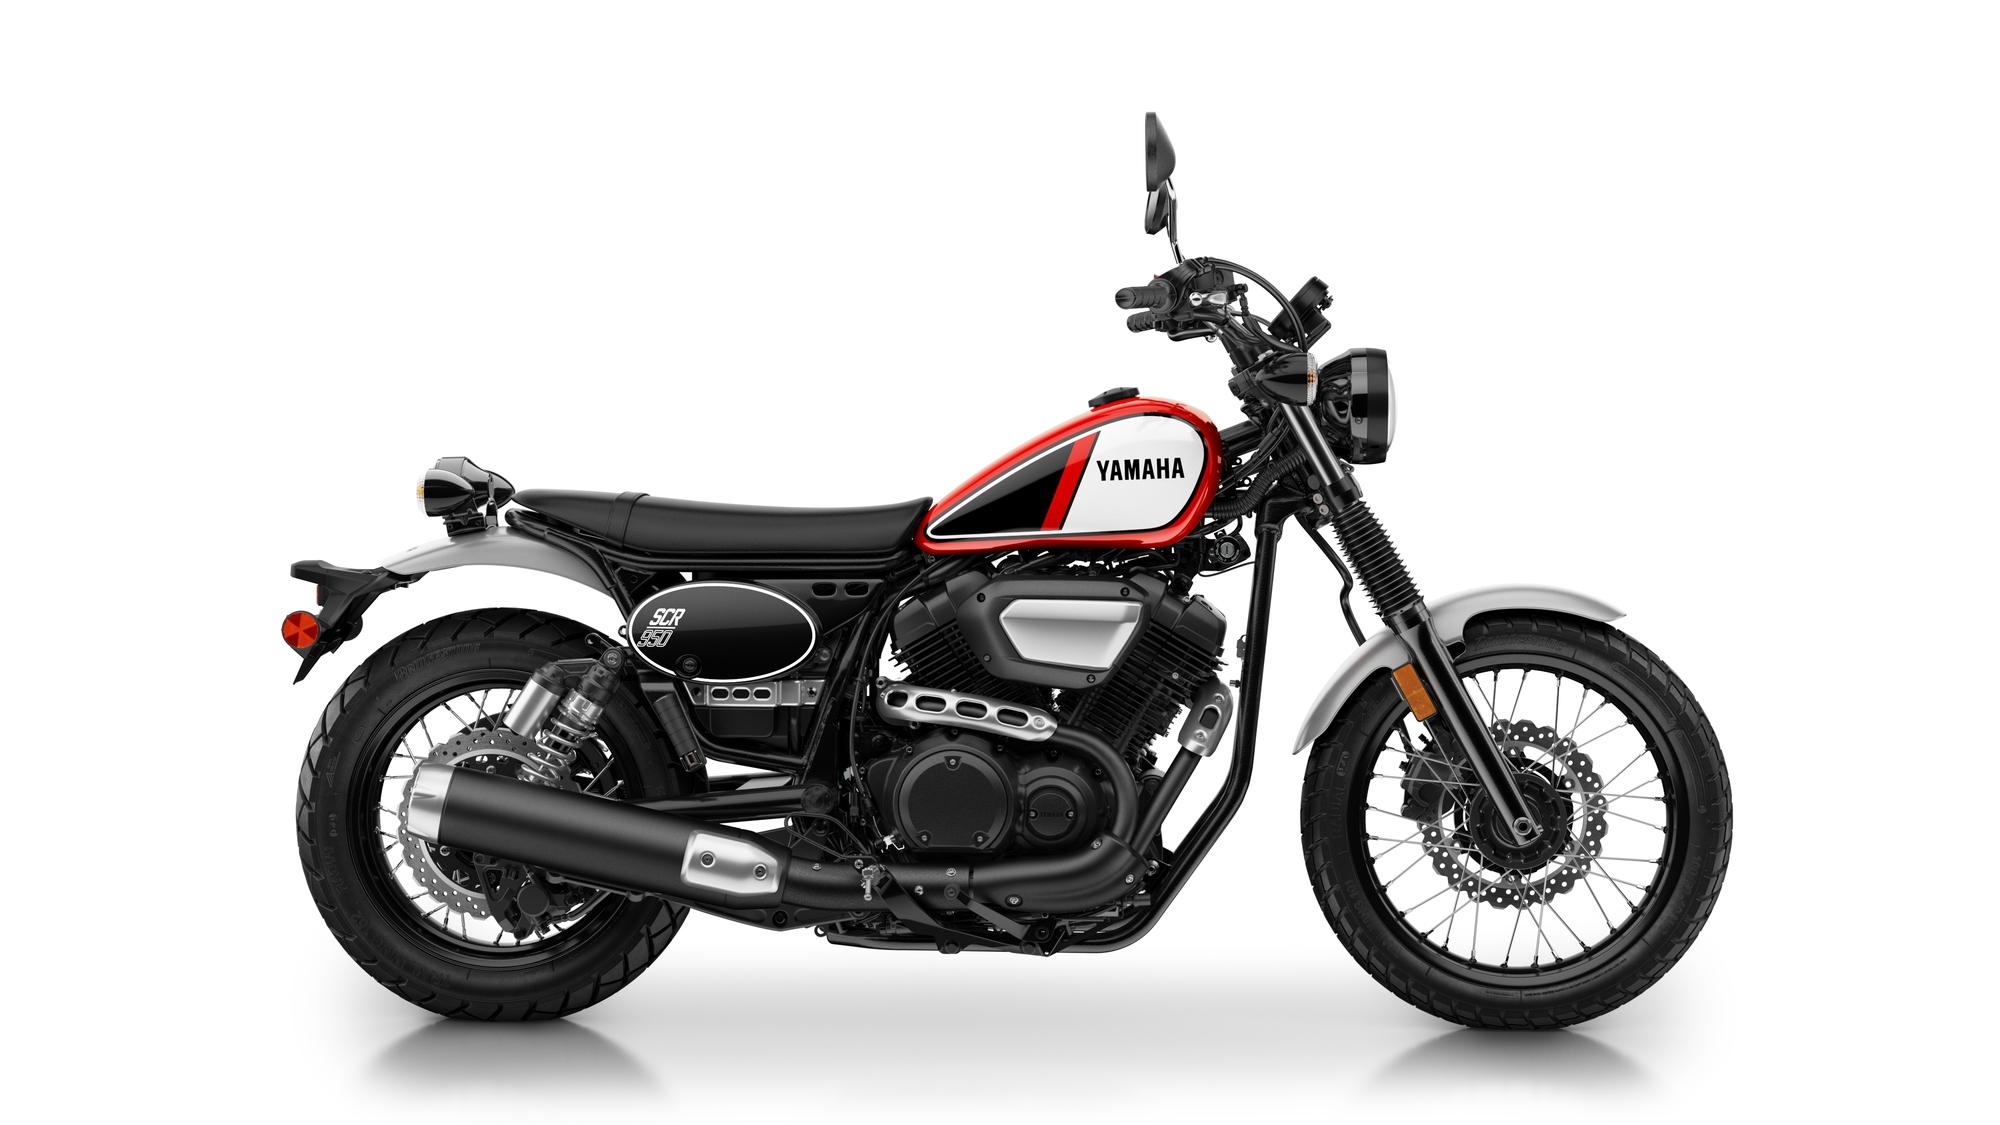 2017-Yamaha-SCR950-EU-Racing-Red-Studio-002